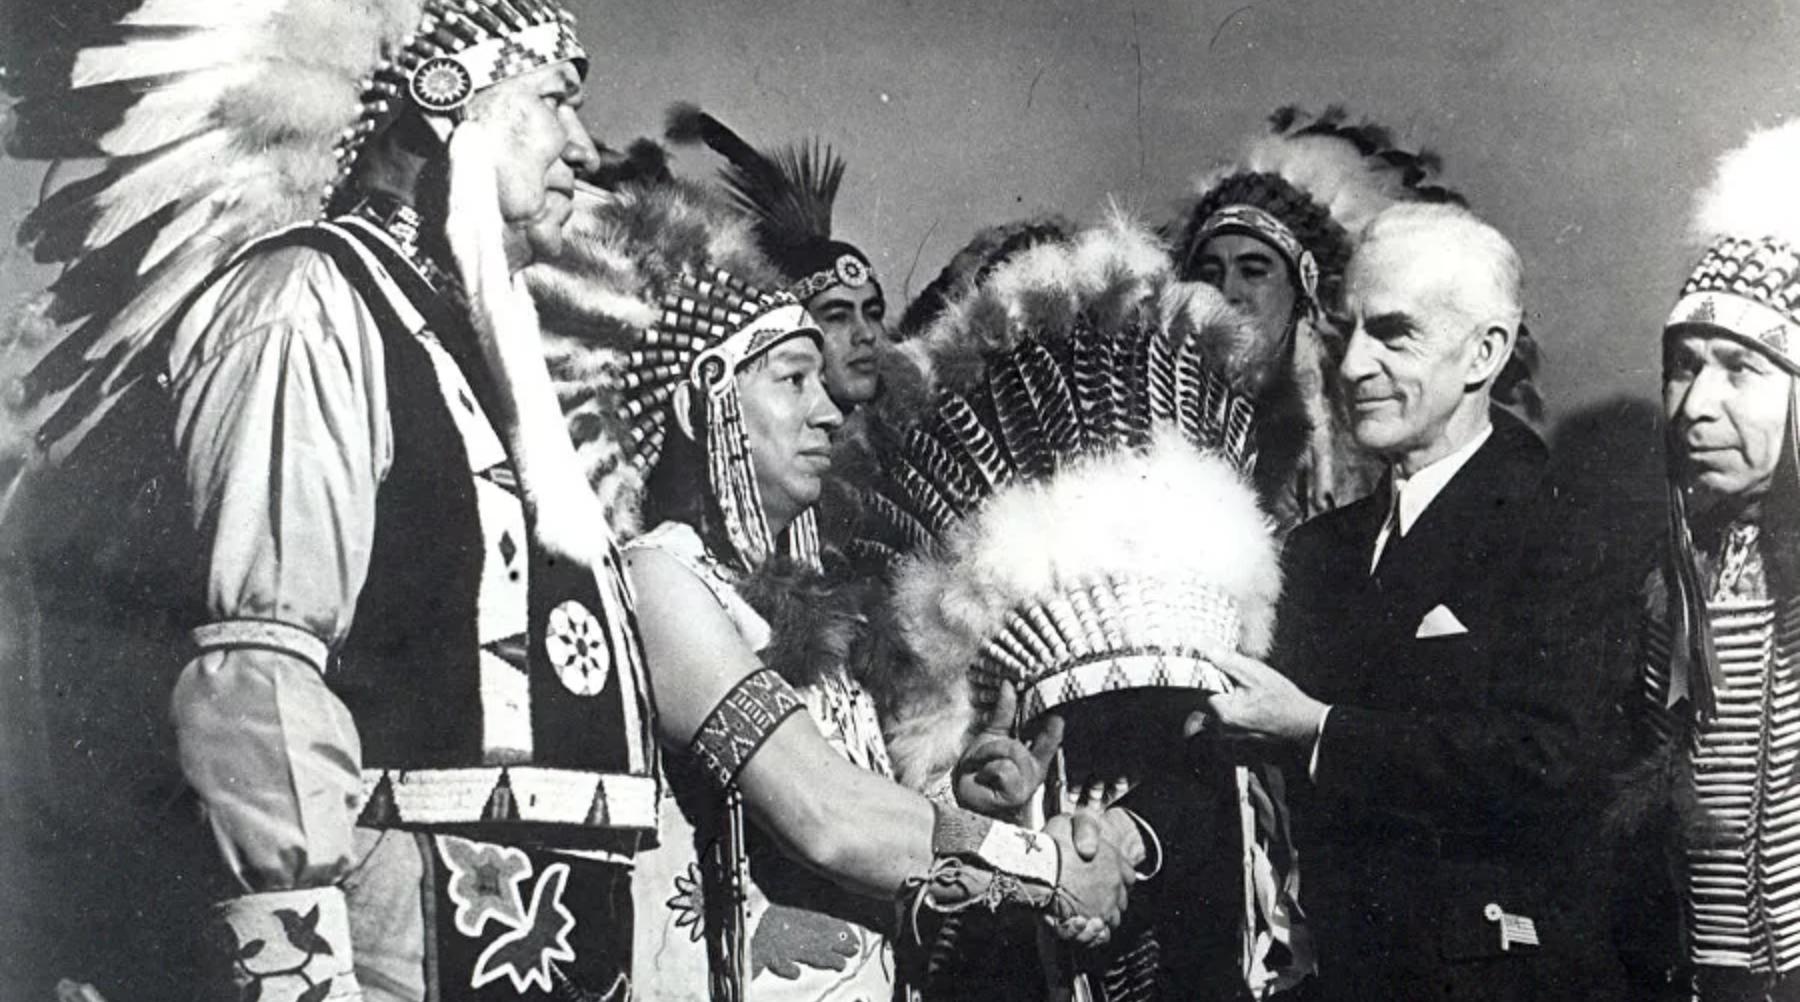 Церемонија предаје националног индијанског украса за главу у Њујорку, 1942.